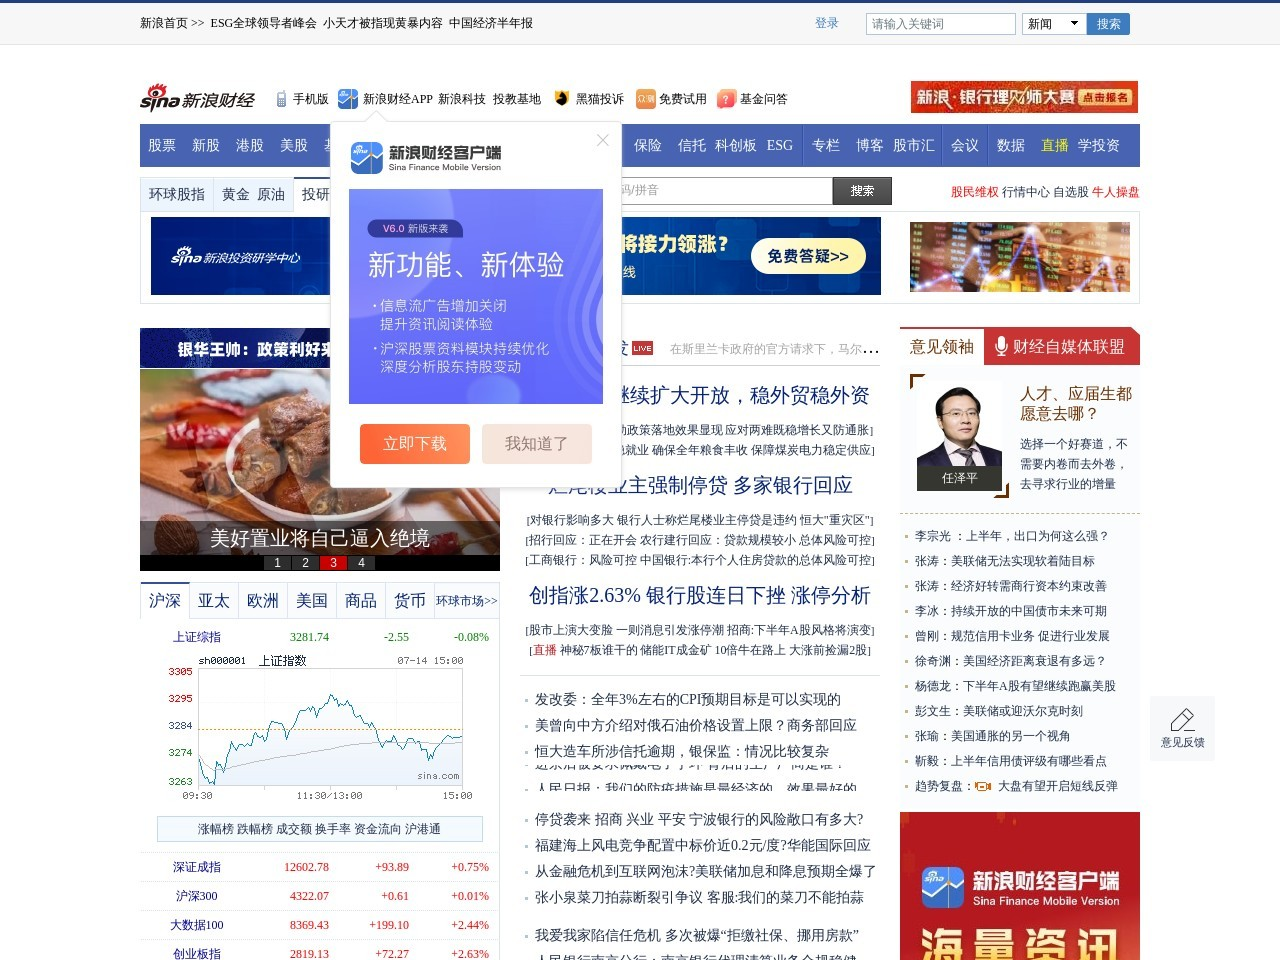 百瑞赢:存量资金博弈 市场震荡轮转依旧|百瑞_新浪财经_新浪网